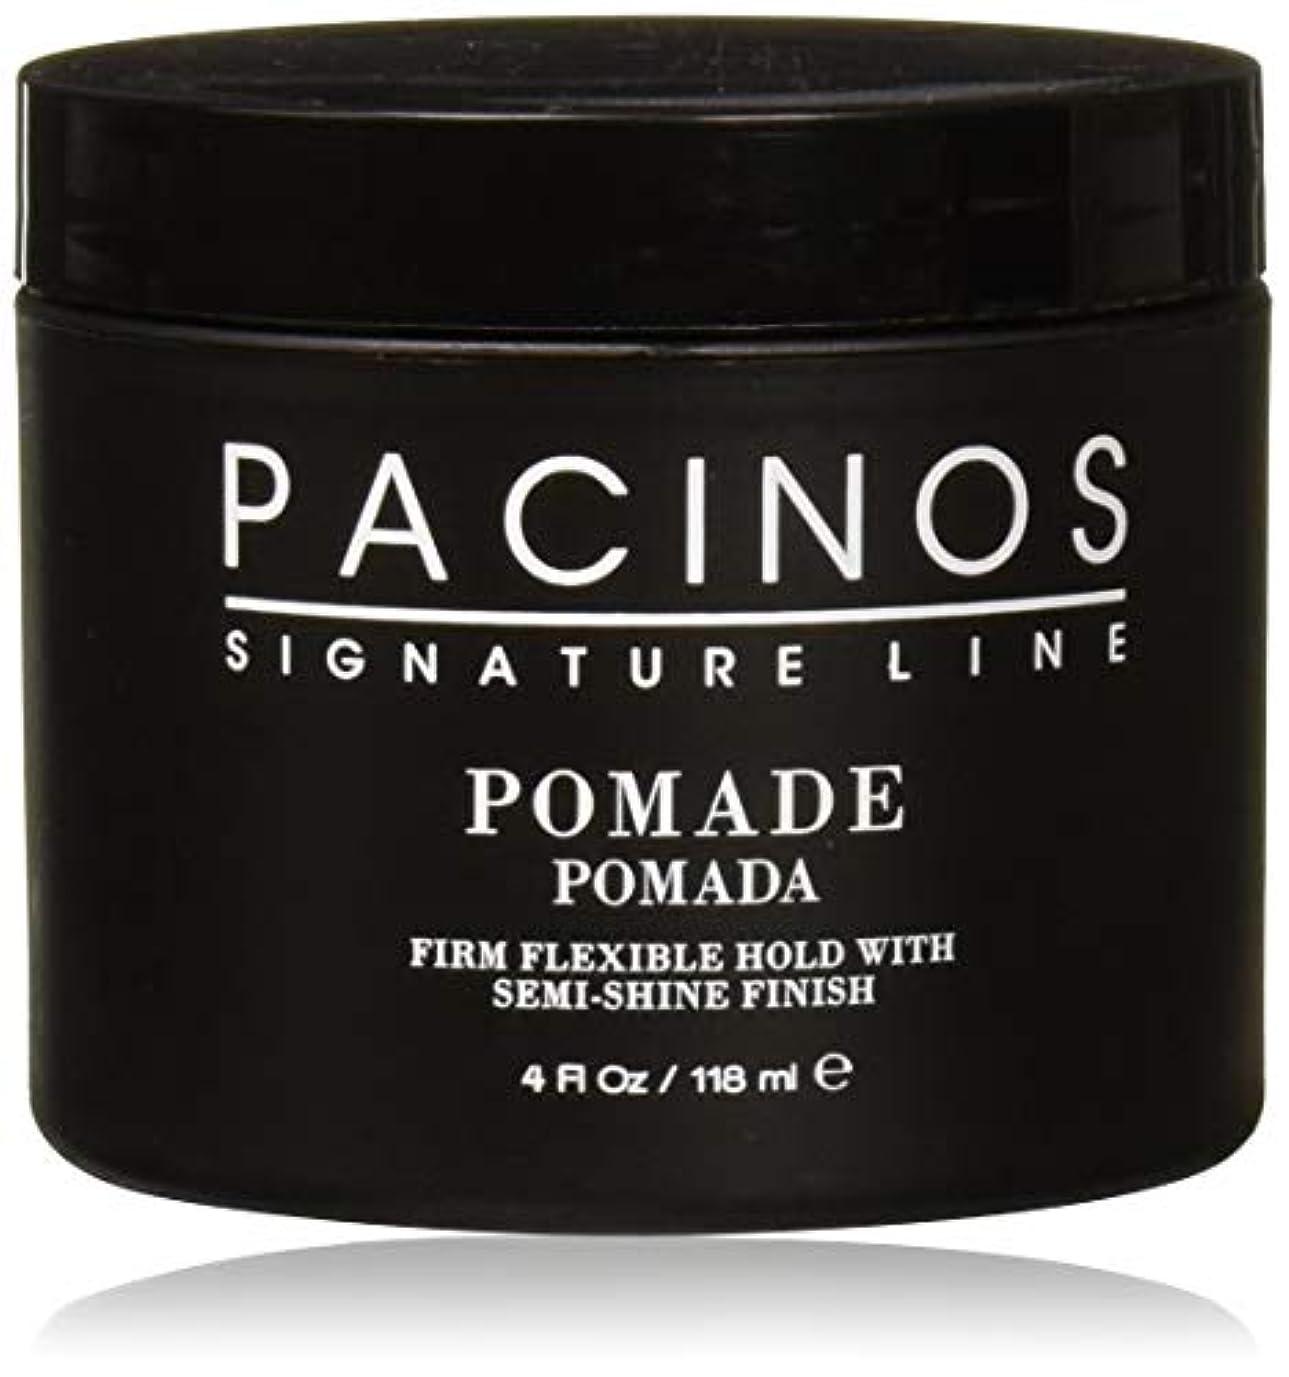 弾丸地殻コスチュームPacinos Pomade パチーノス?ポマード【日本正規品】4oz(118g)